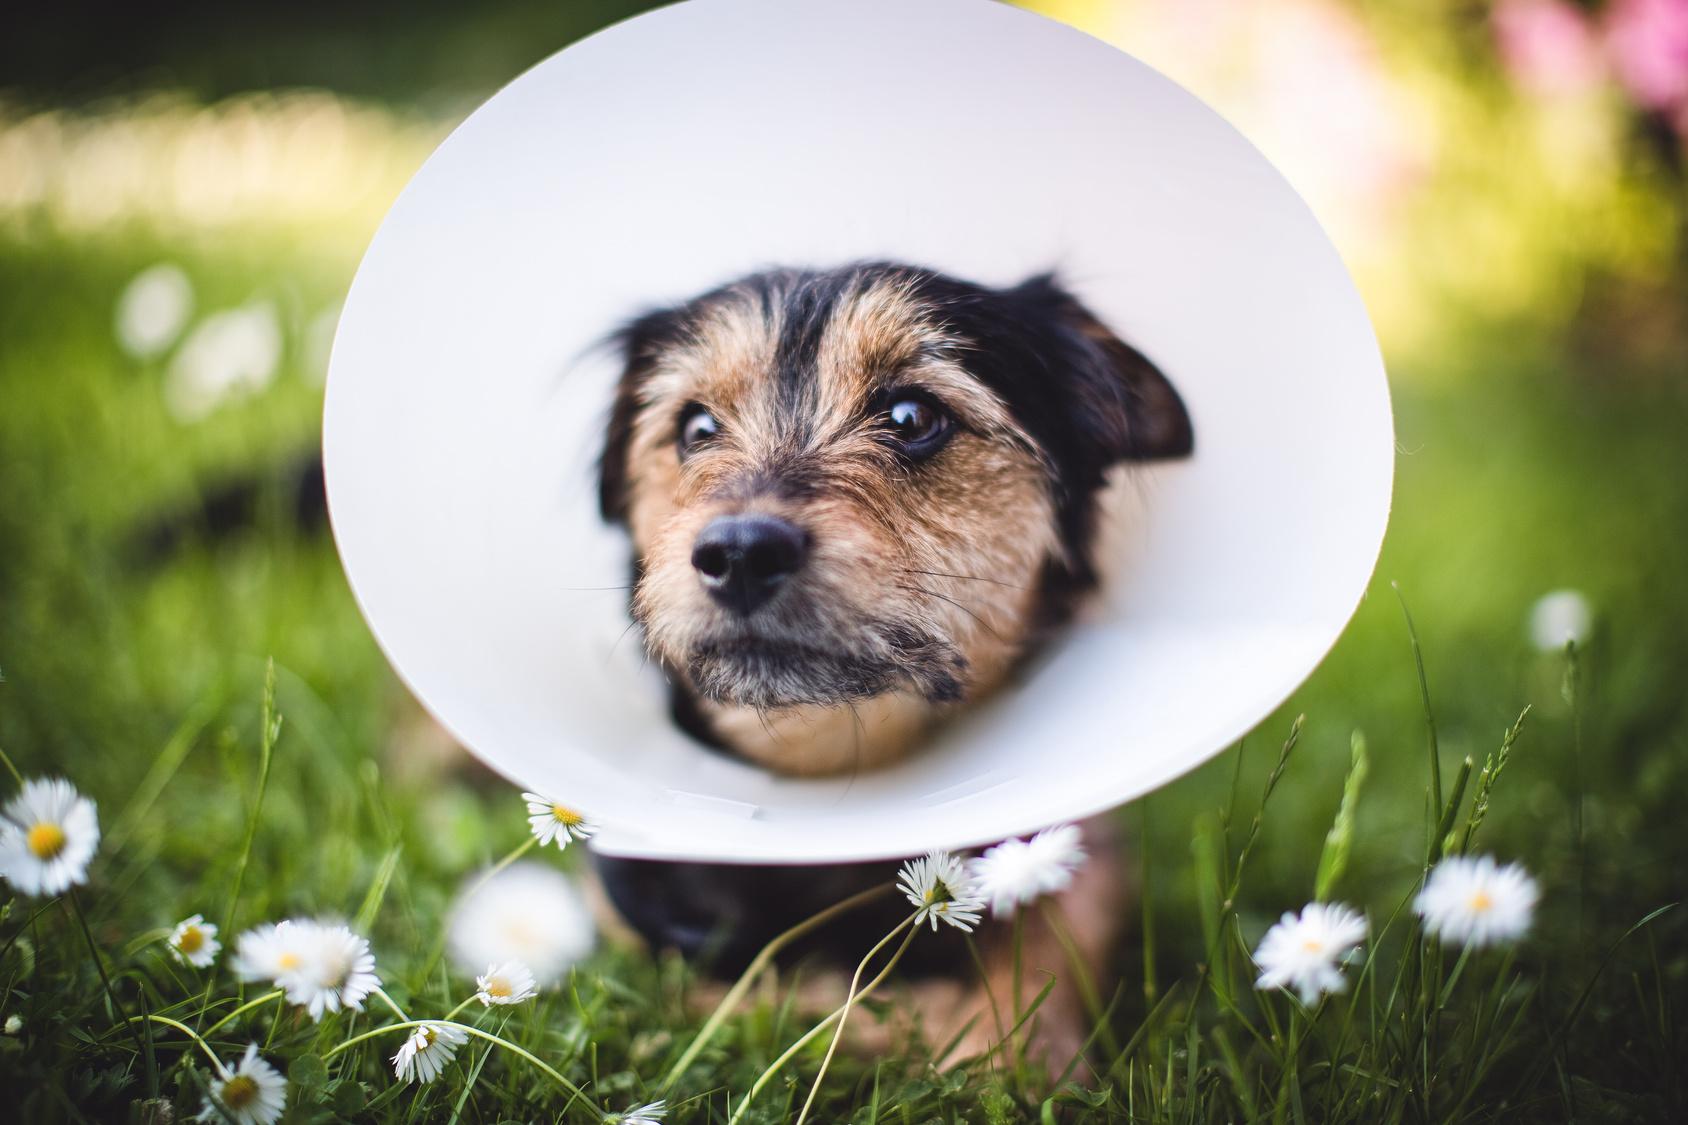 Blog cani : Incidenti cani, ferite nei cani, infortuni cani